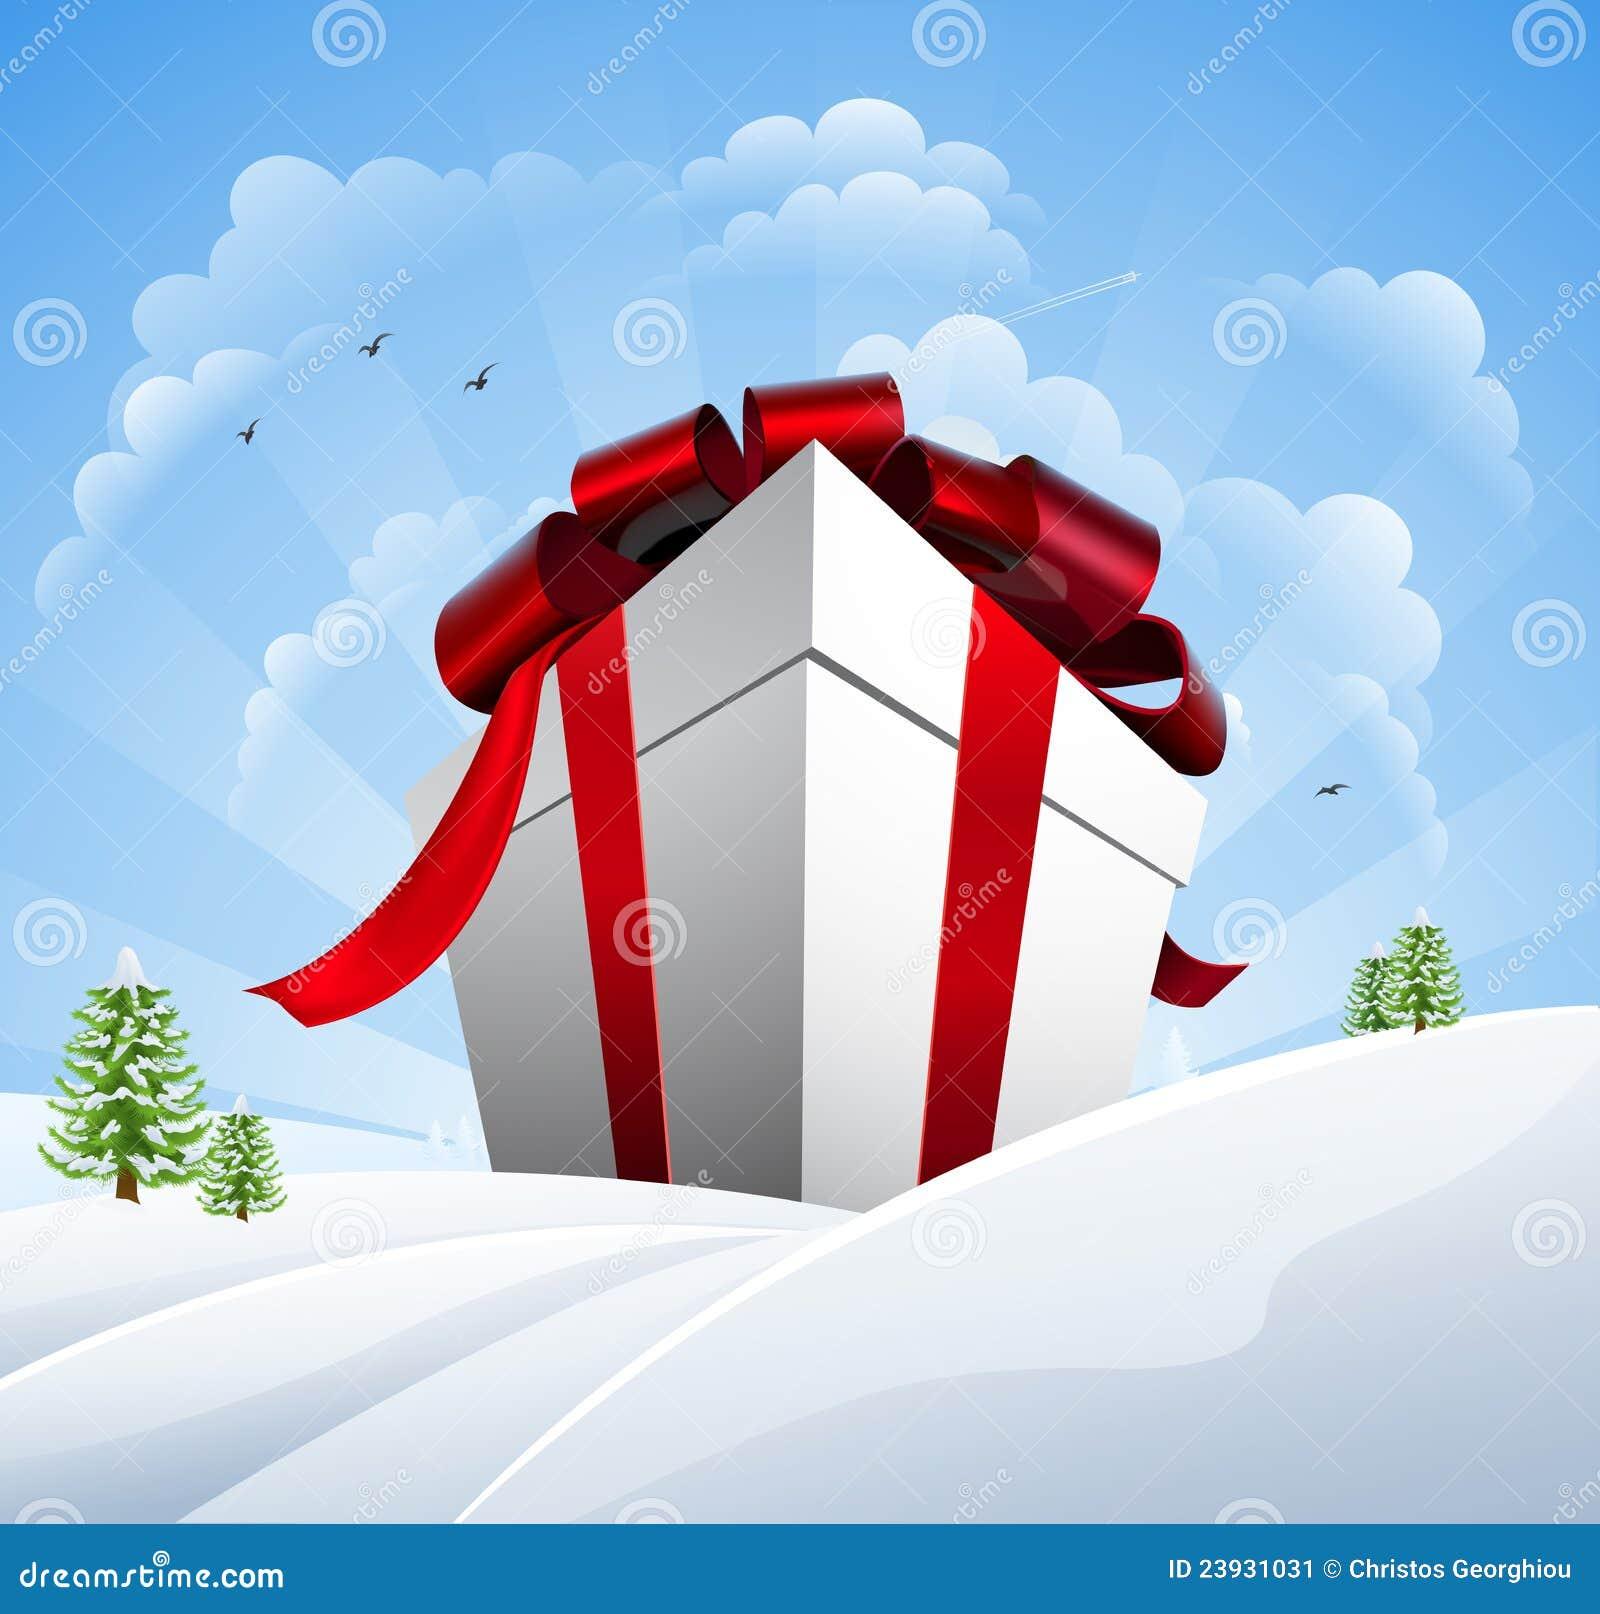 Sehr Großes Weihnachtsgeschenk Im Schnee Vektor Abbildung ...